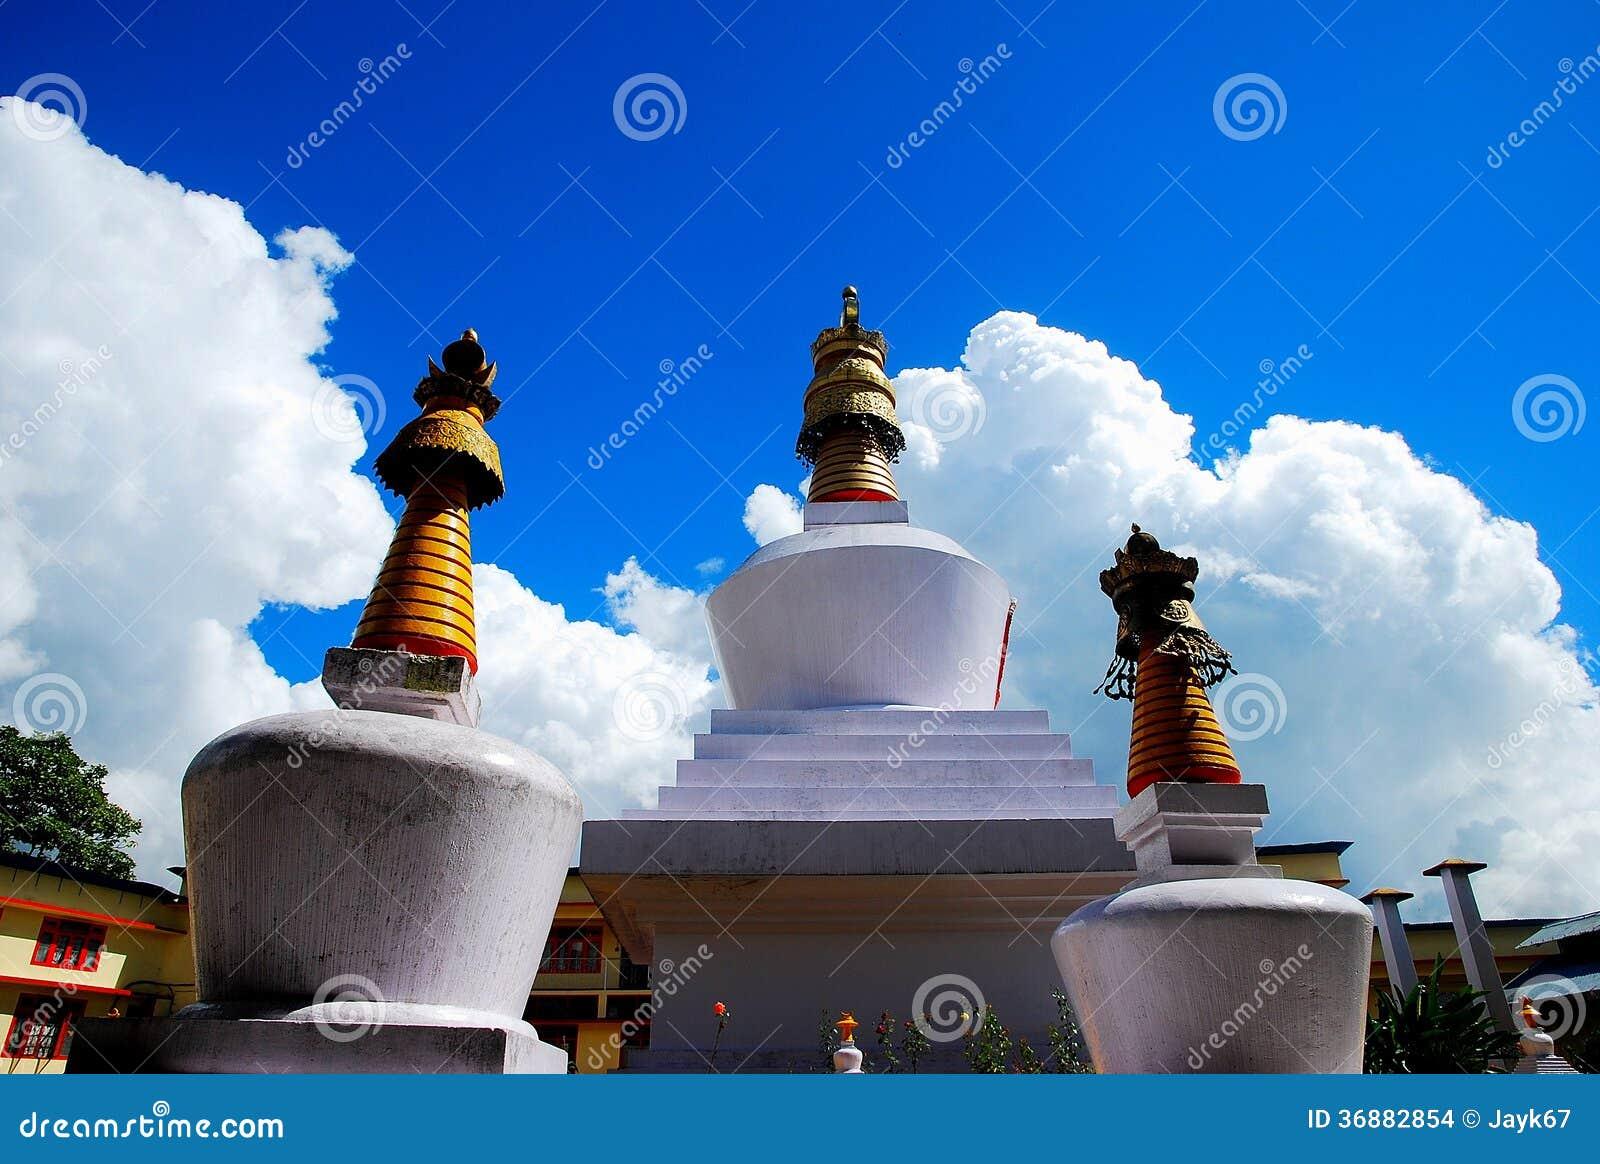 Download Stupa fotografia stock. Immagine di bianco, religione - 36882854